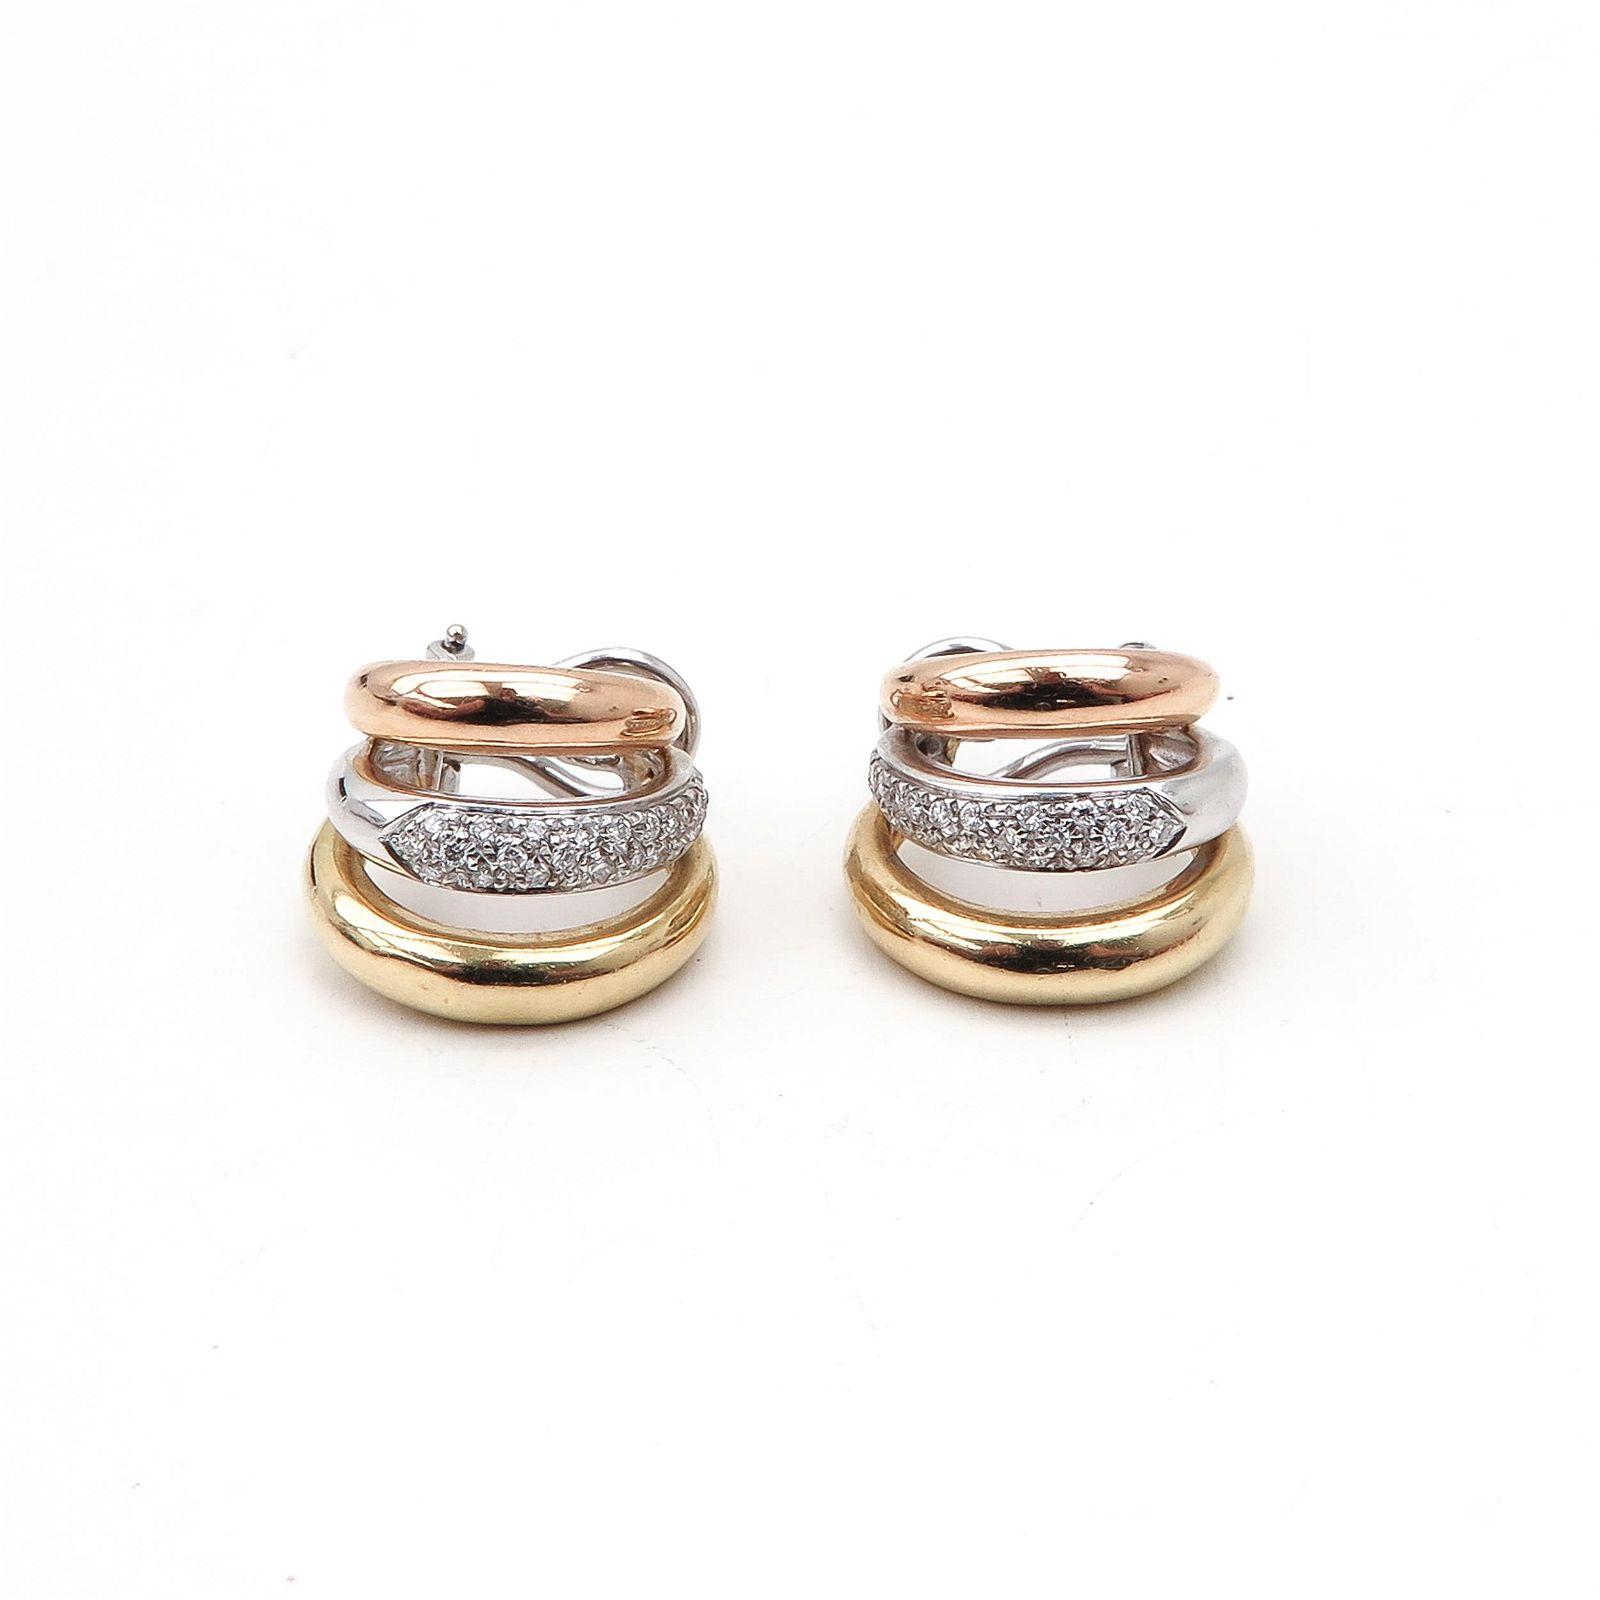 A Pair of 18KG Diamond Earrings